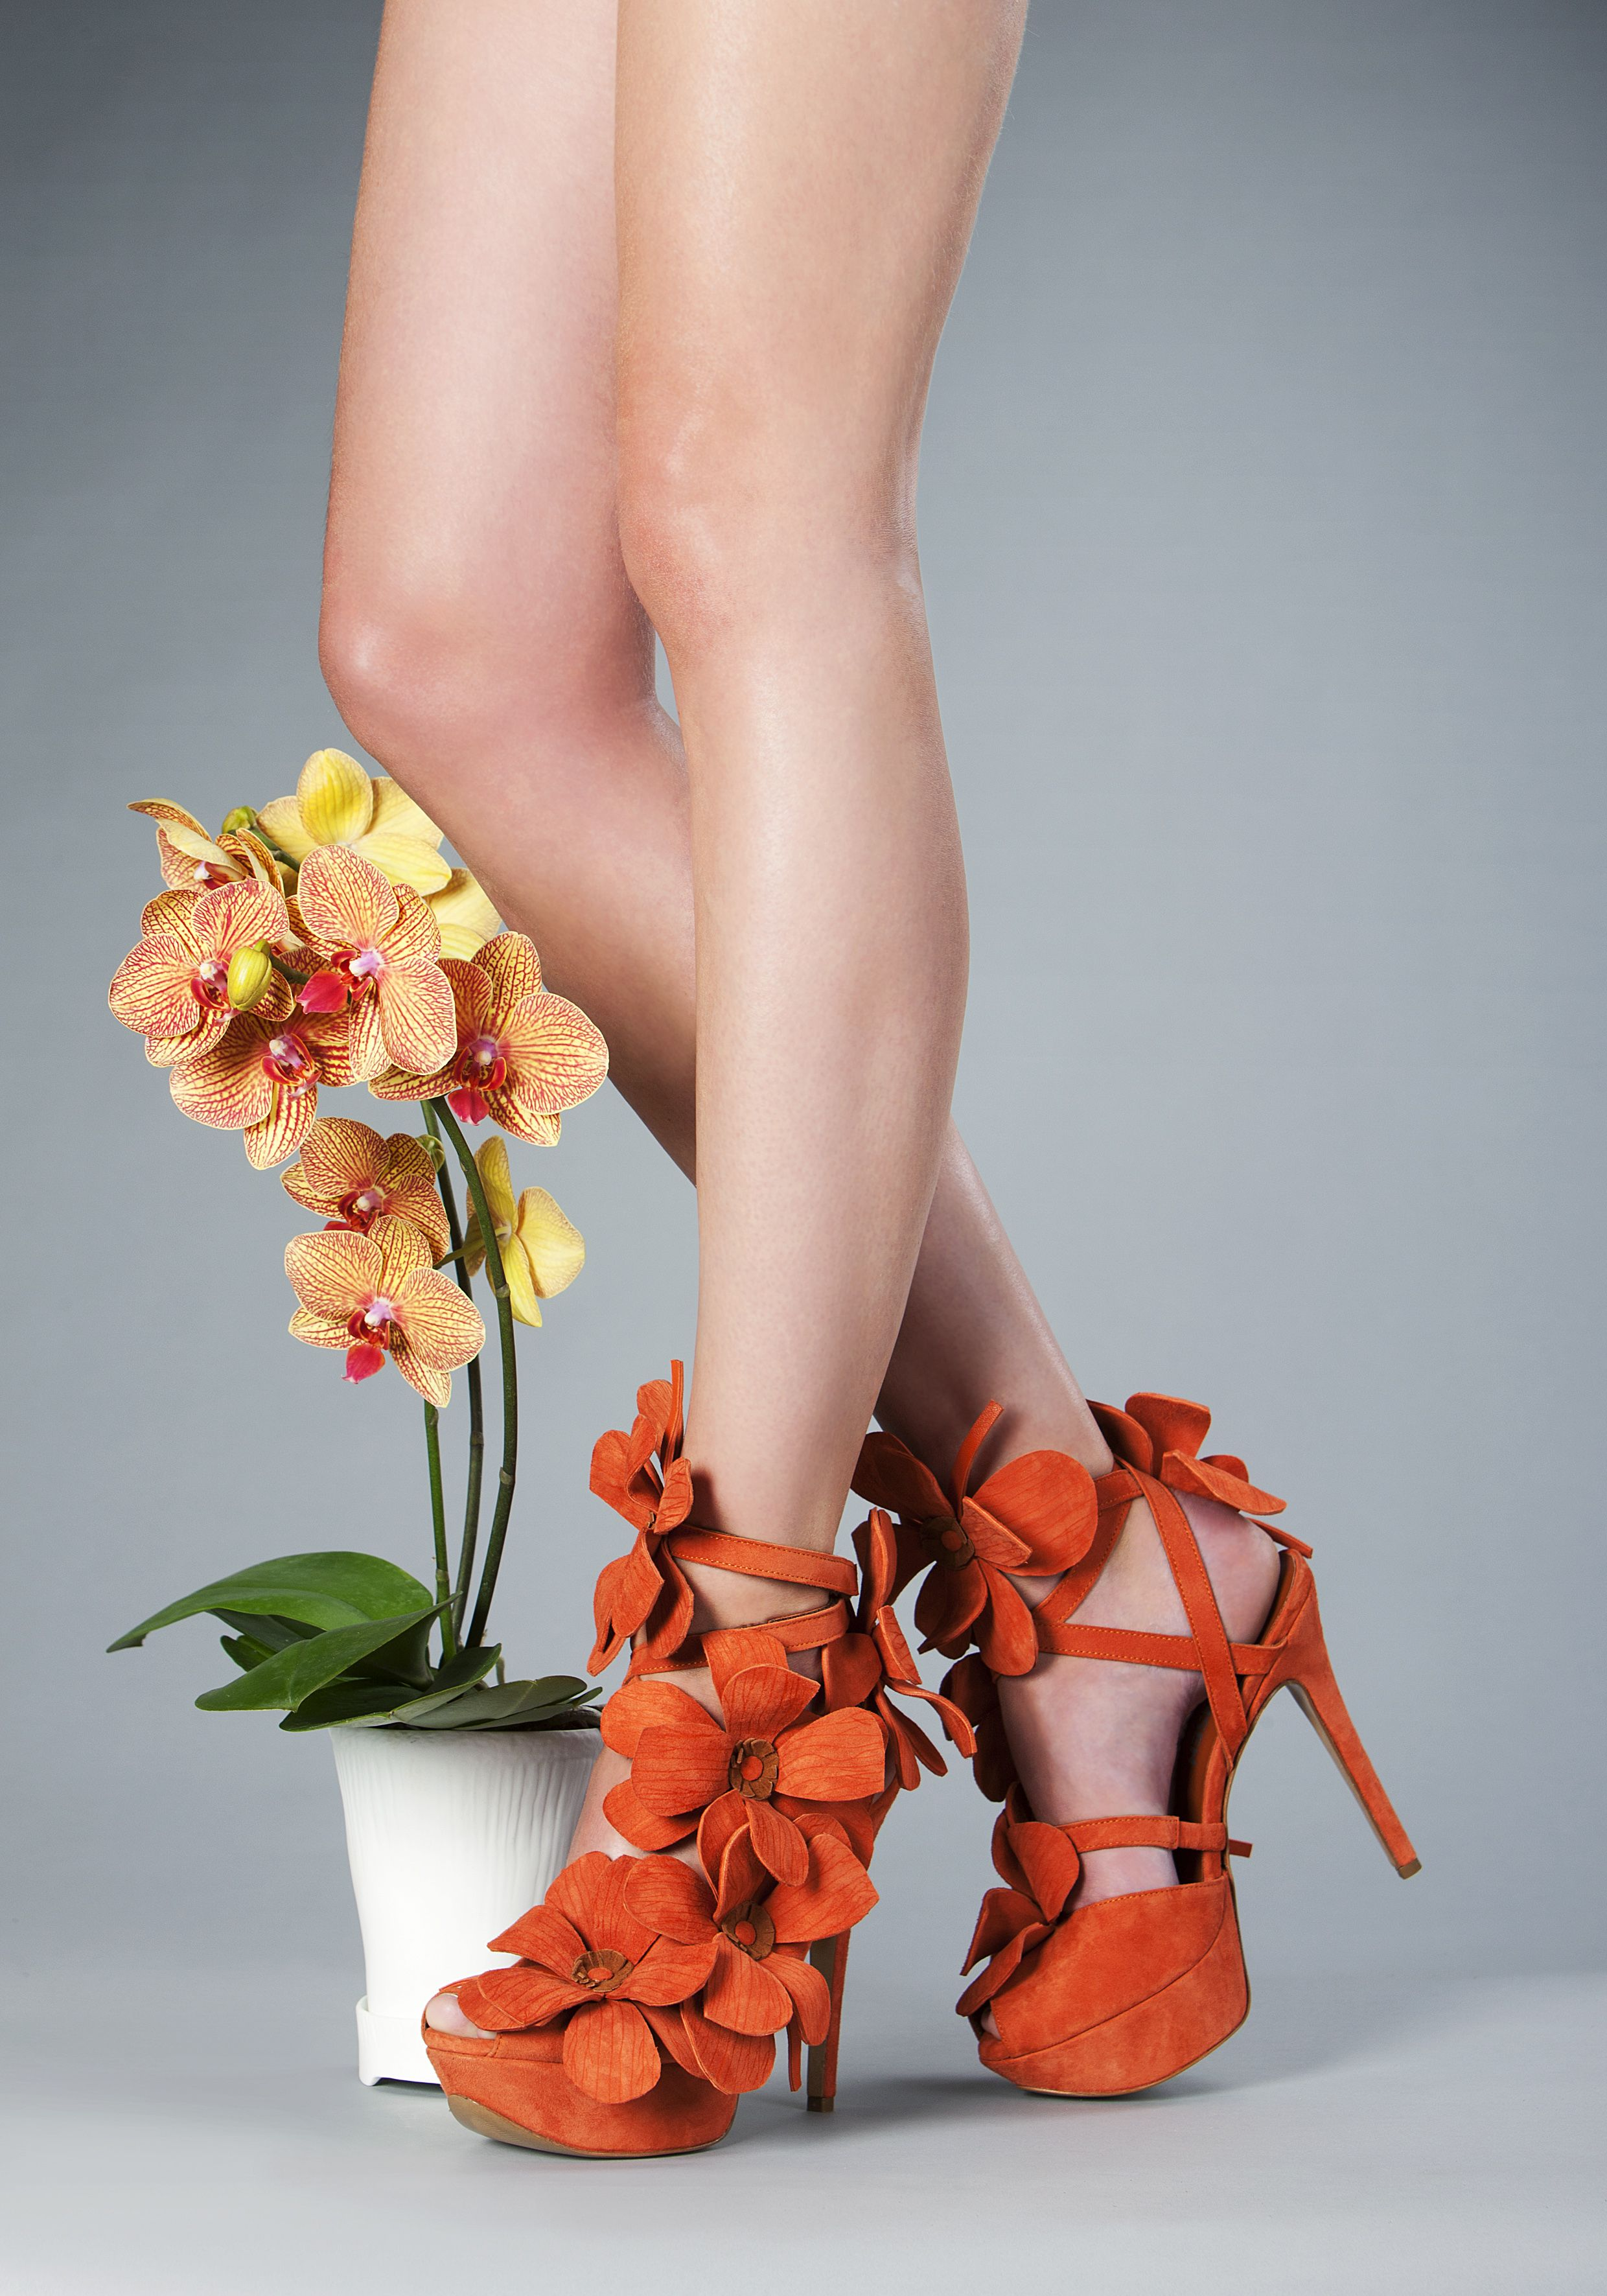 Orchid-Shoe-Terracotta.jpg 2,480×3,543 pixels